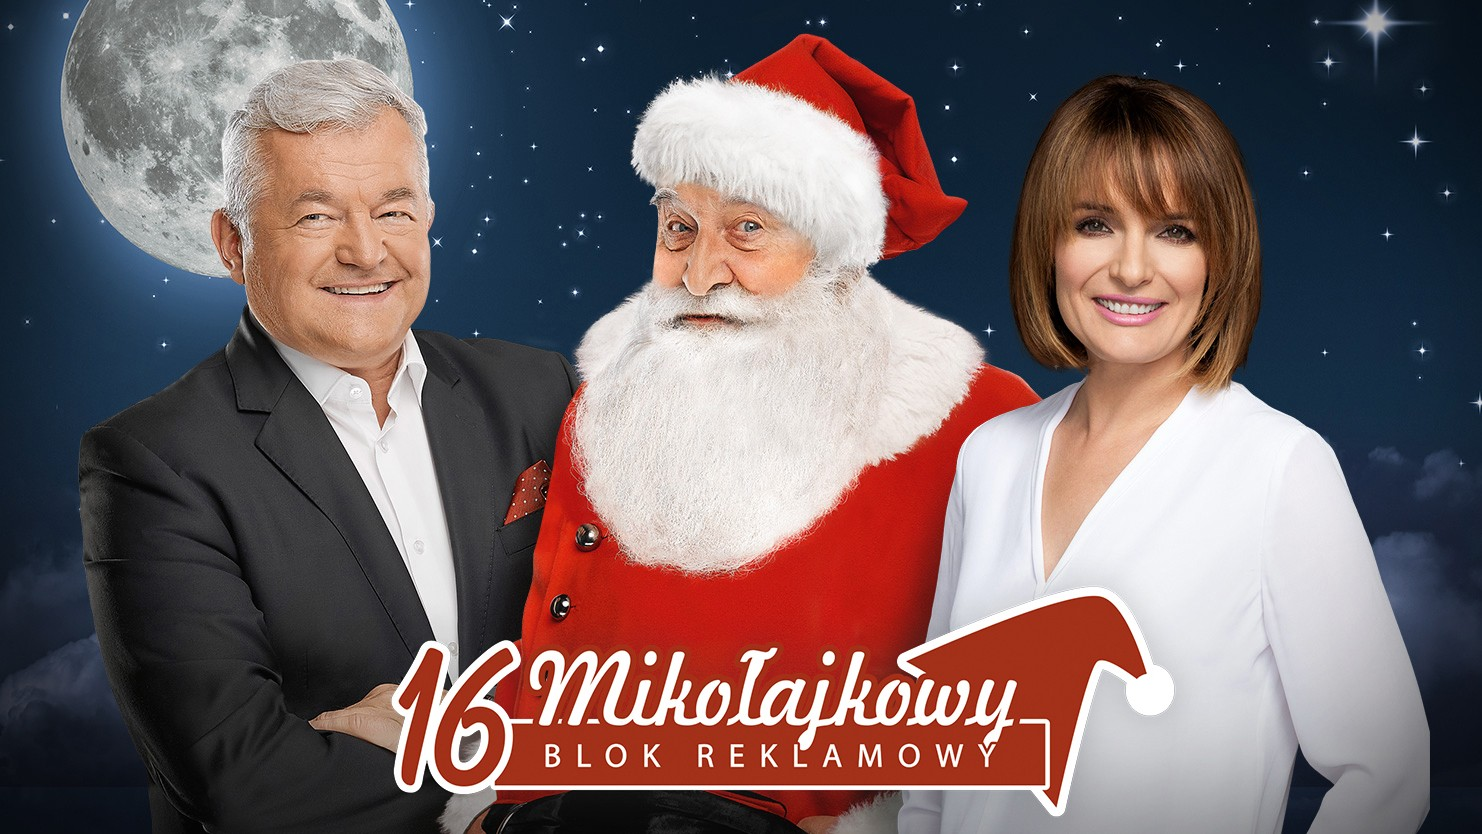 Mikołajkowy Blok Reklamowy 2019: Ponad 5 mln widzów!